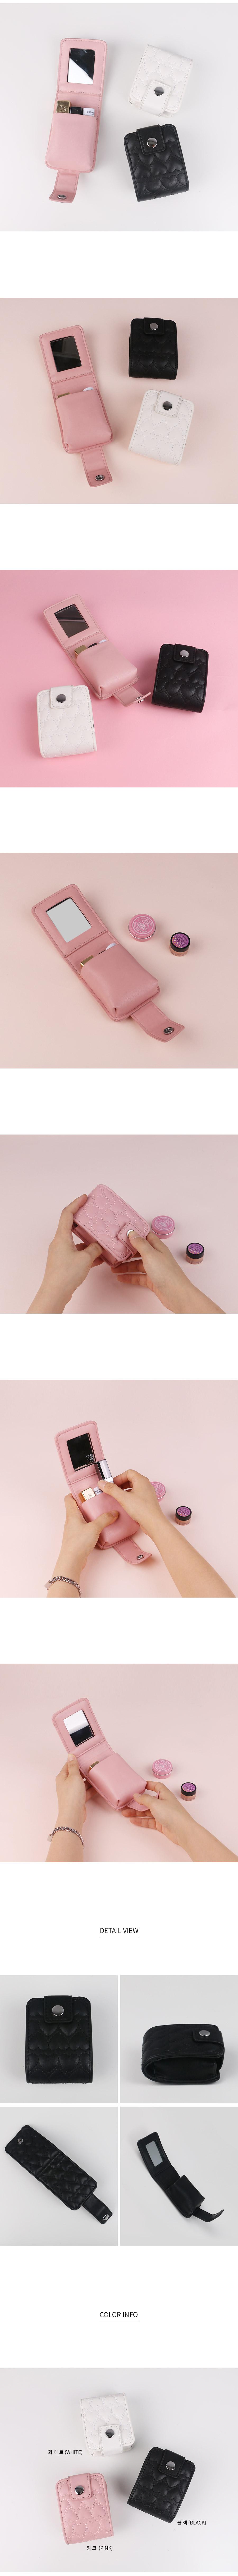 퀼팅 하트 립스틱 거울파우치 - 릴리, 21,000원, 다용도파우치, 지퍼형